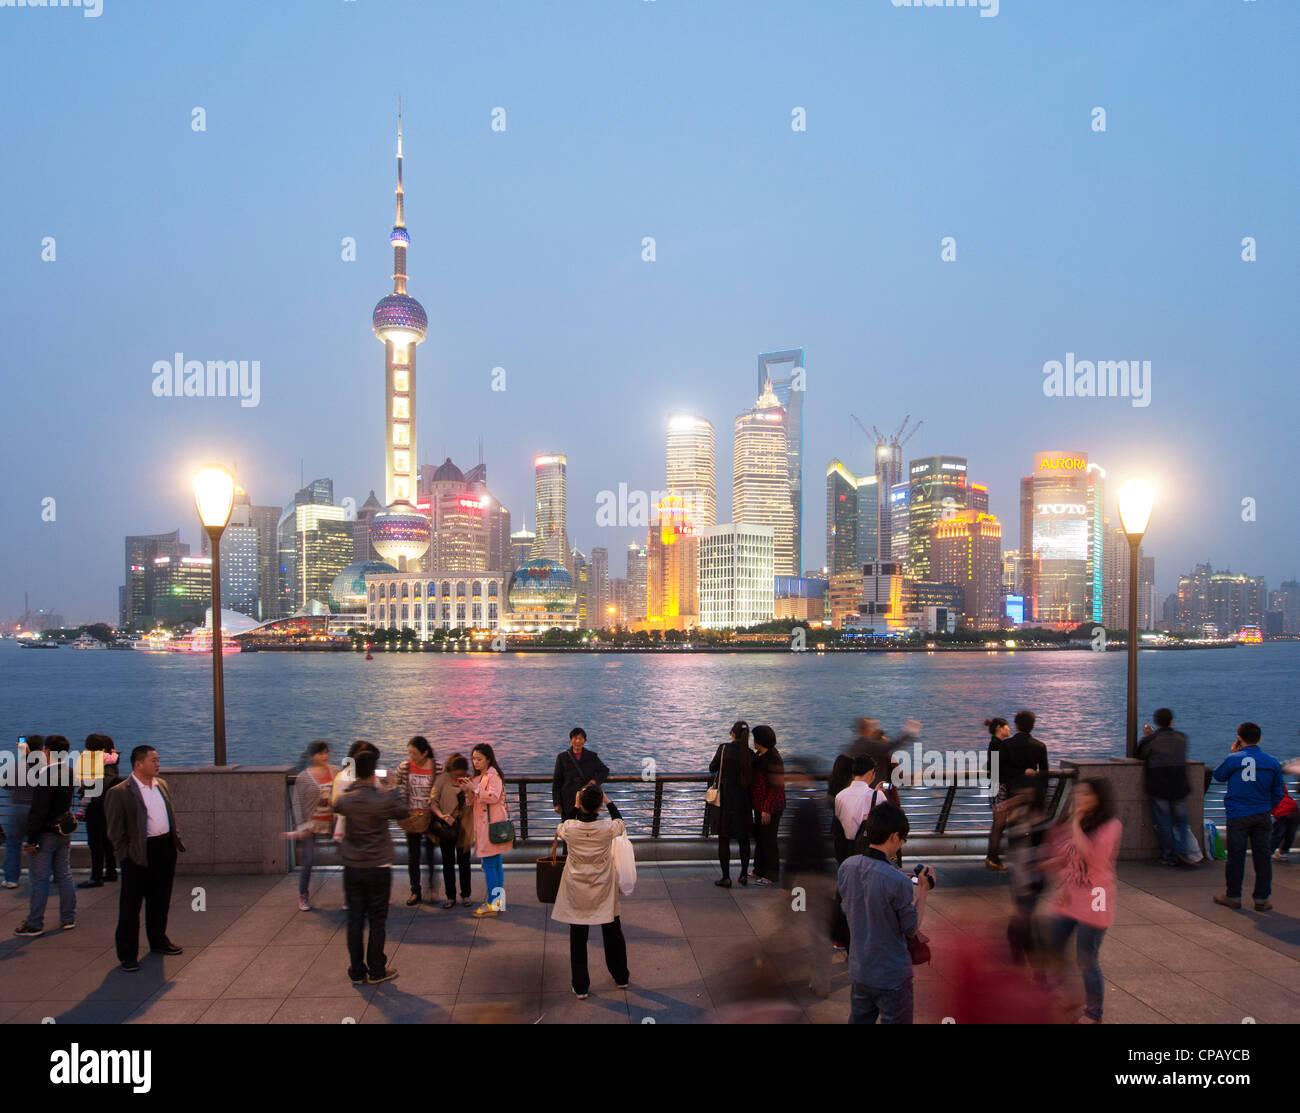 Vista serale dal Bund del paesaggio urbano del quartiere Pudong di Shanghai in Cina Immagini Stock